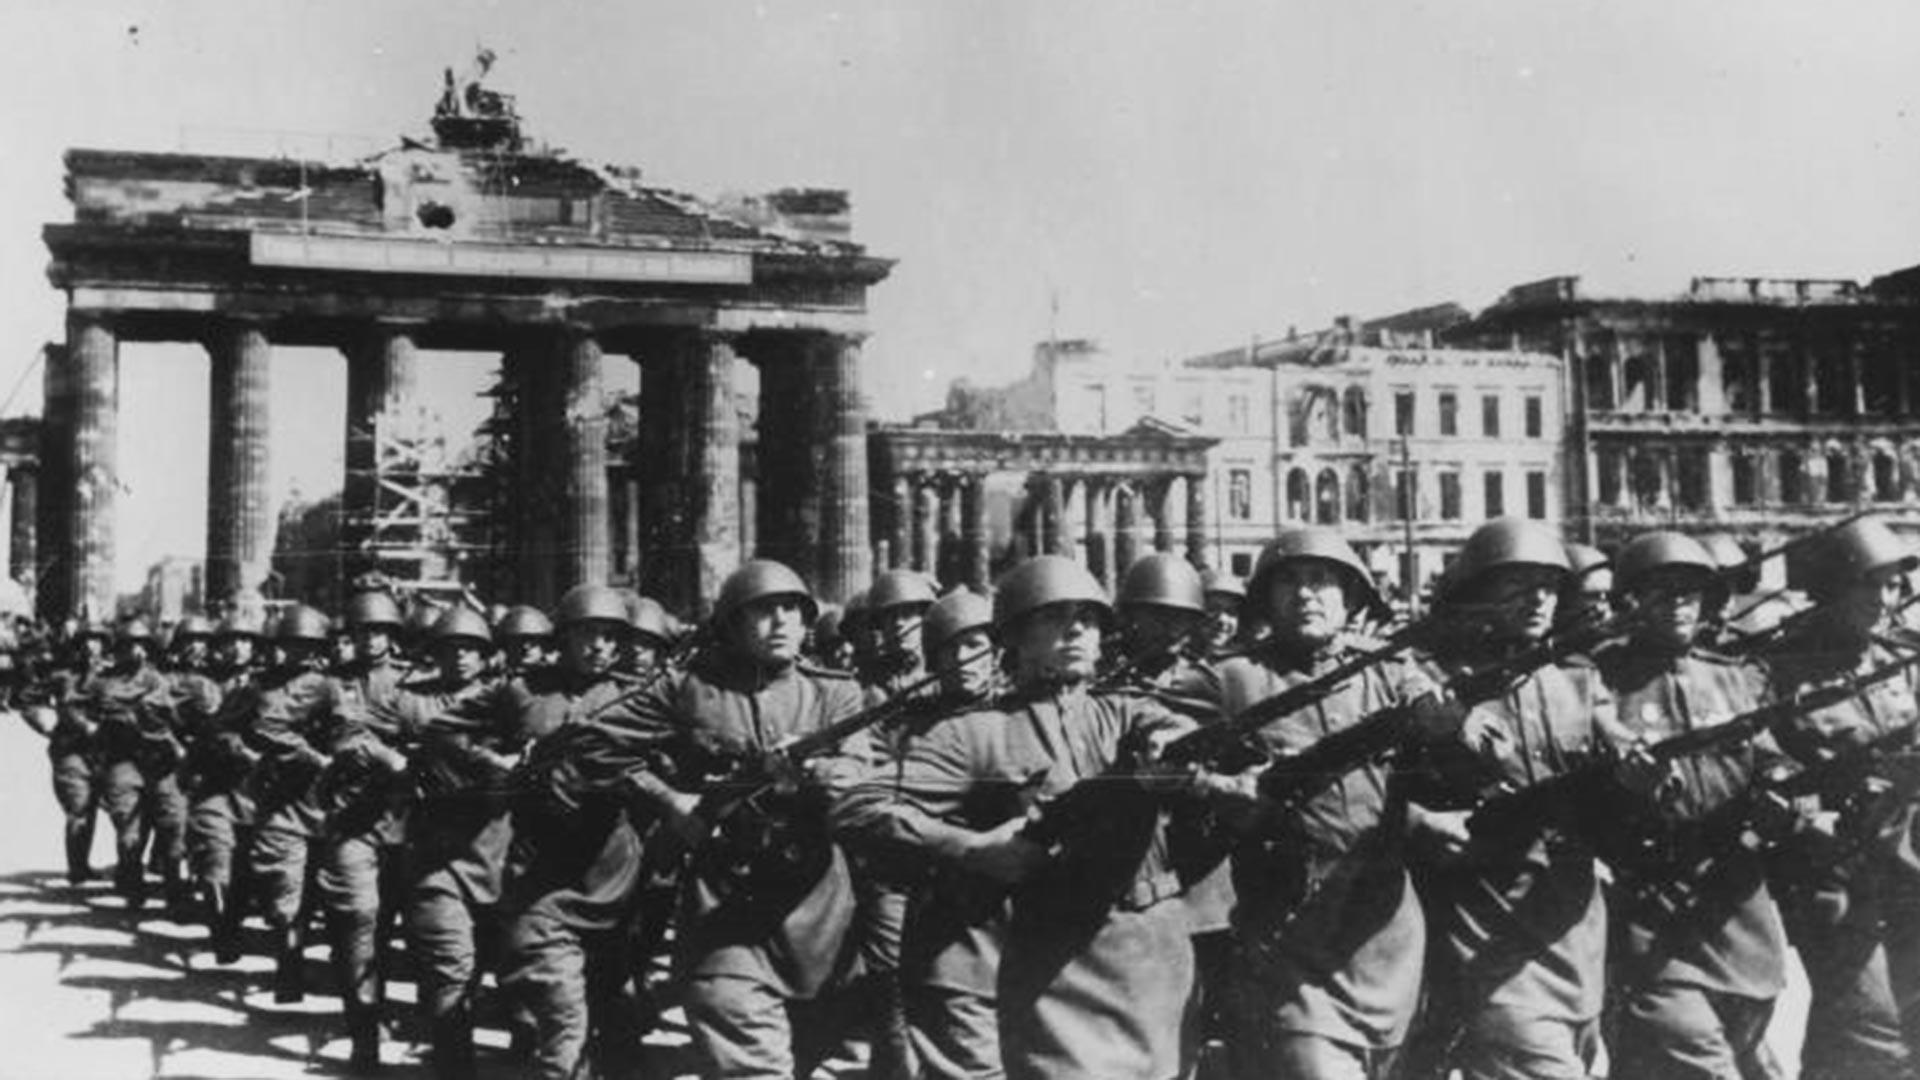 Советски единици за време на Парадата на Победата на сојузничките сили во Берлин.